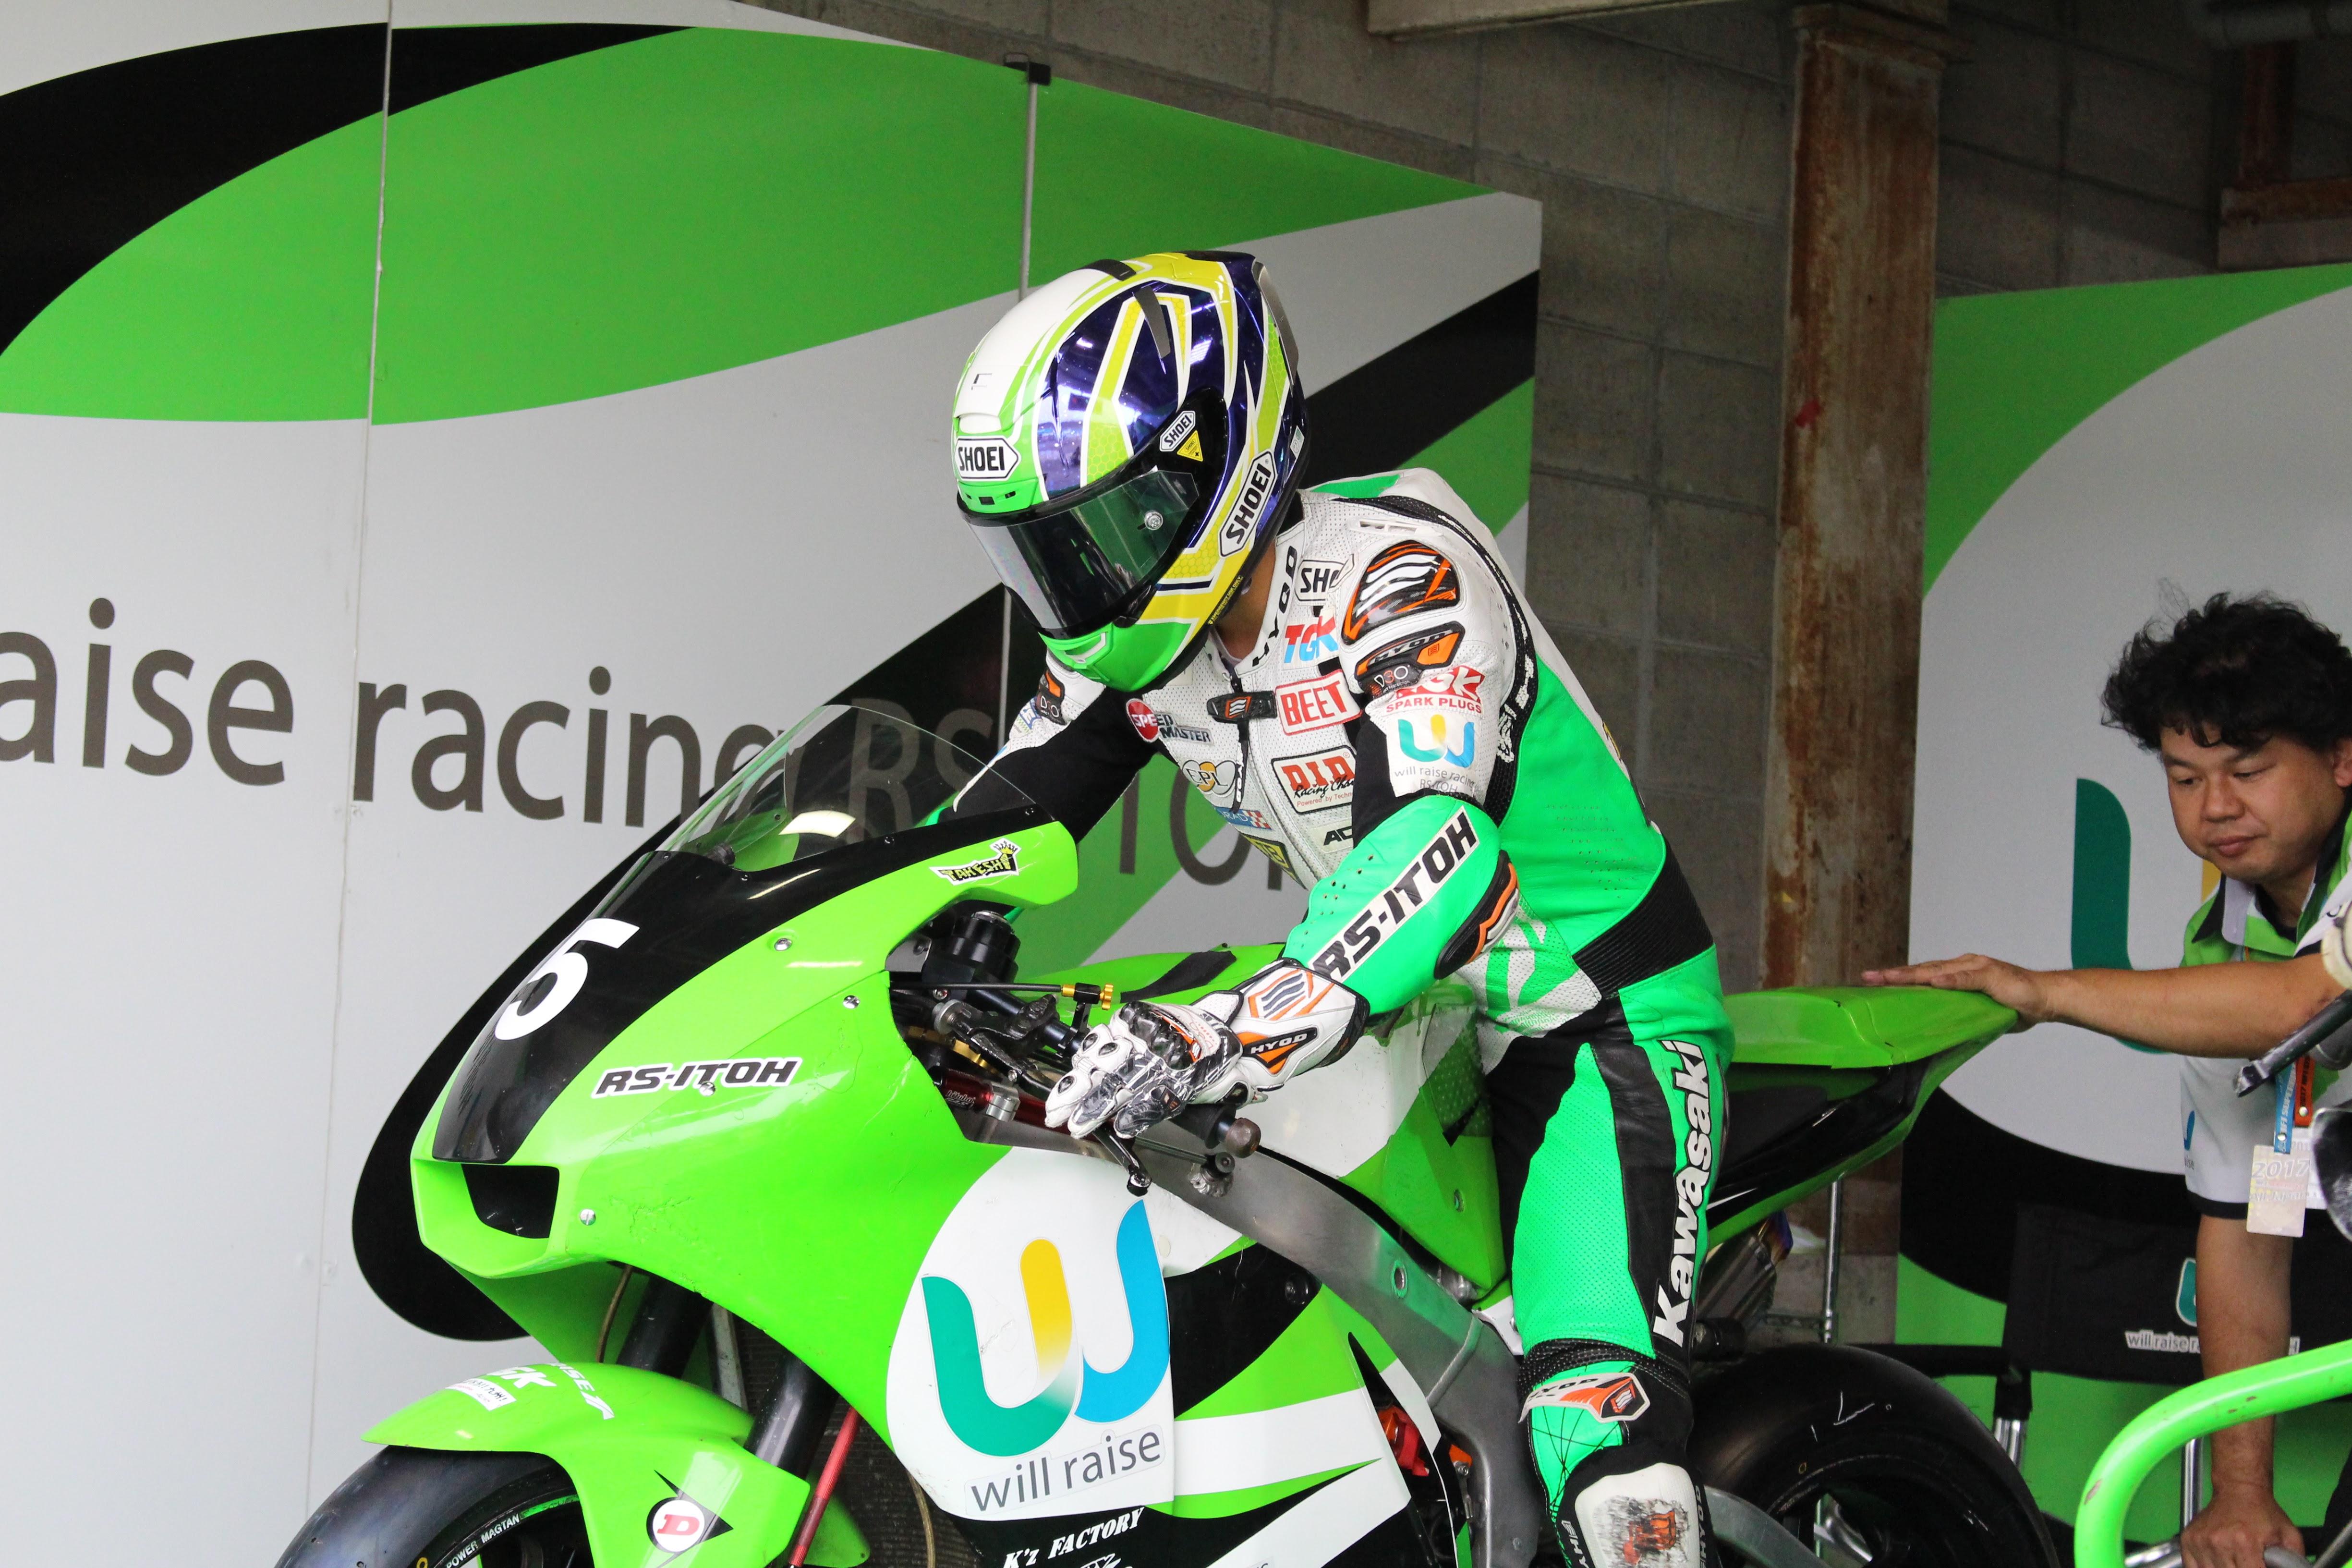 Motorzに全日本ロードレース選手権Rd.8決勝レースの取材記事が公開されました。